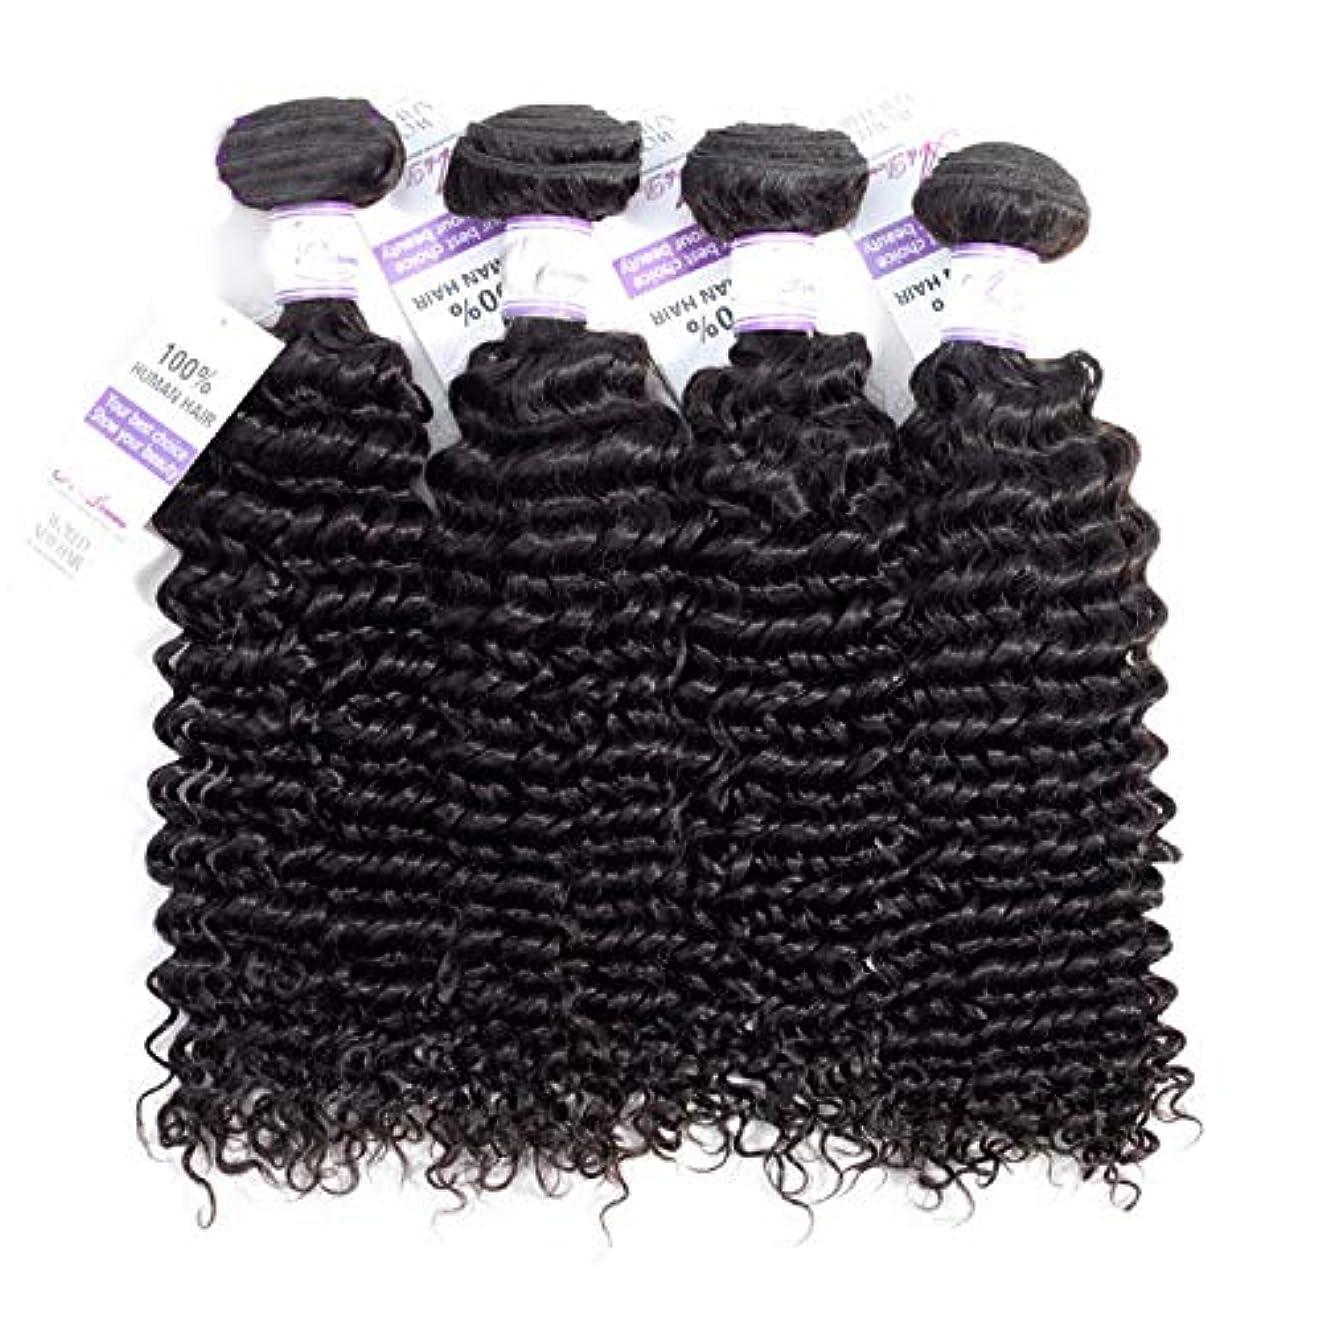 雇ったディレクトリ頭ブラジルのディープウェーブヘア織りバンドル100%人毛織りナチュラルカラー非レミー髪は4個購入することができます (Stretched Length : 20 22 24 24 inches)